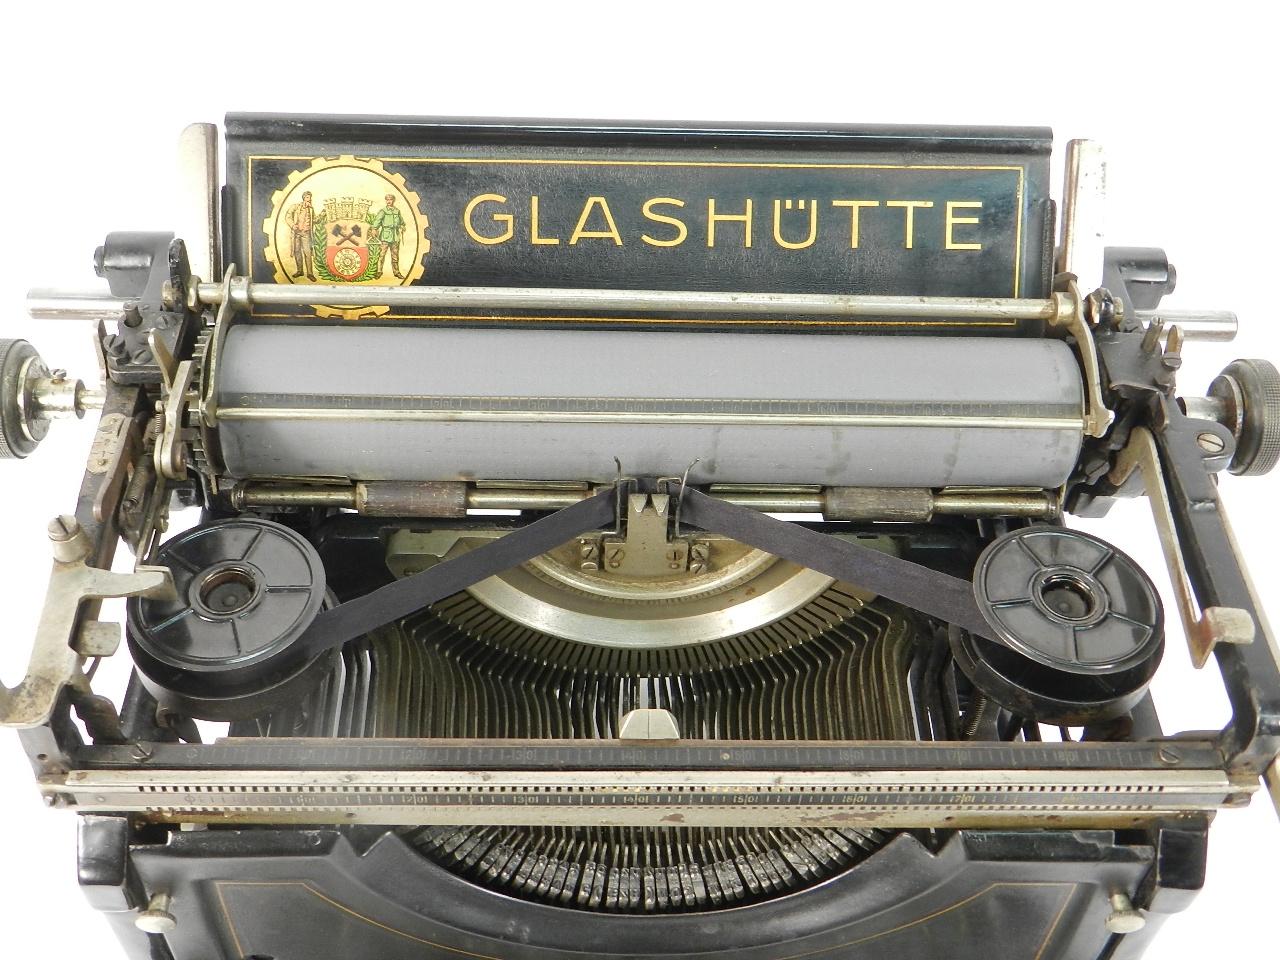 Imagen RARA GLASHÜTTE Nº1 AÑO 1922 40267